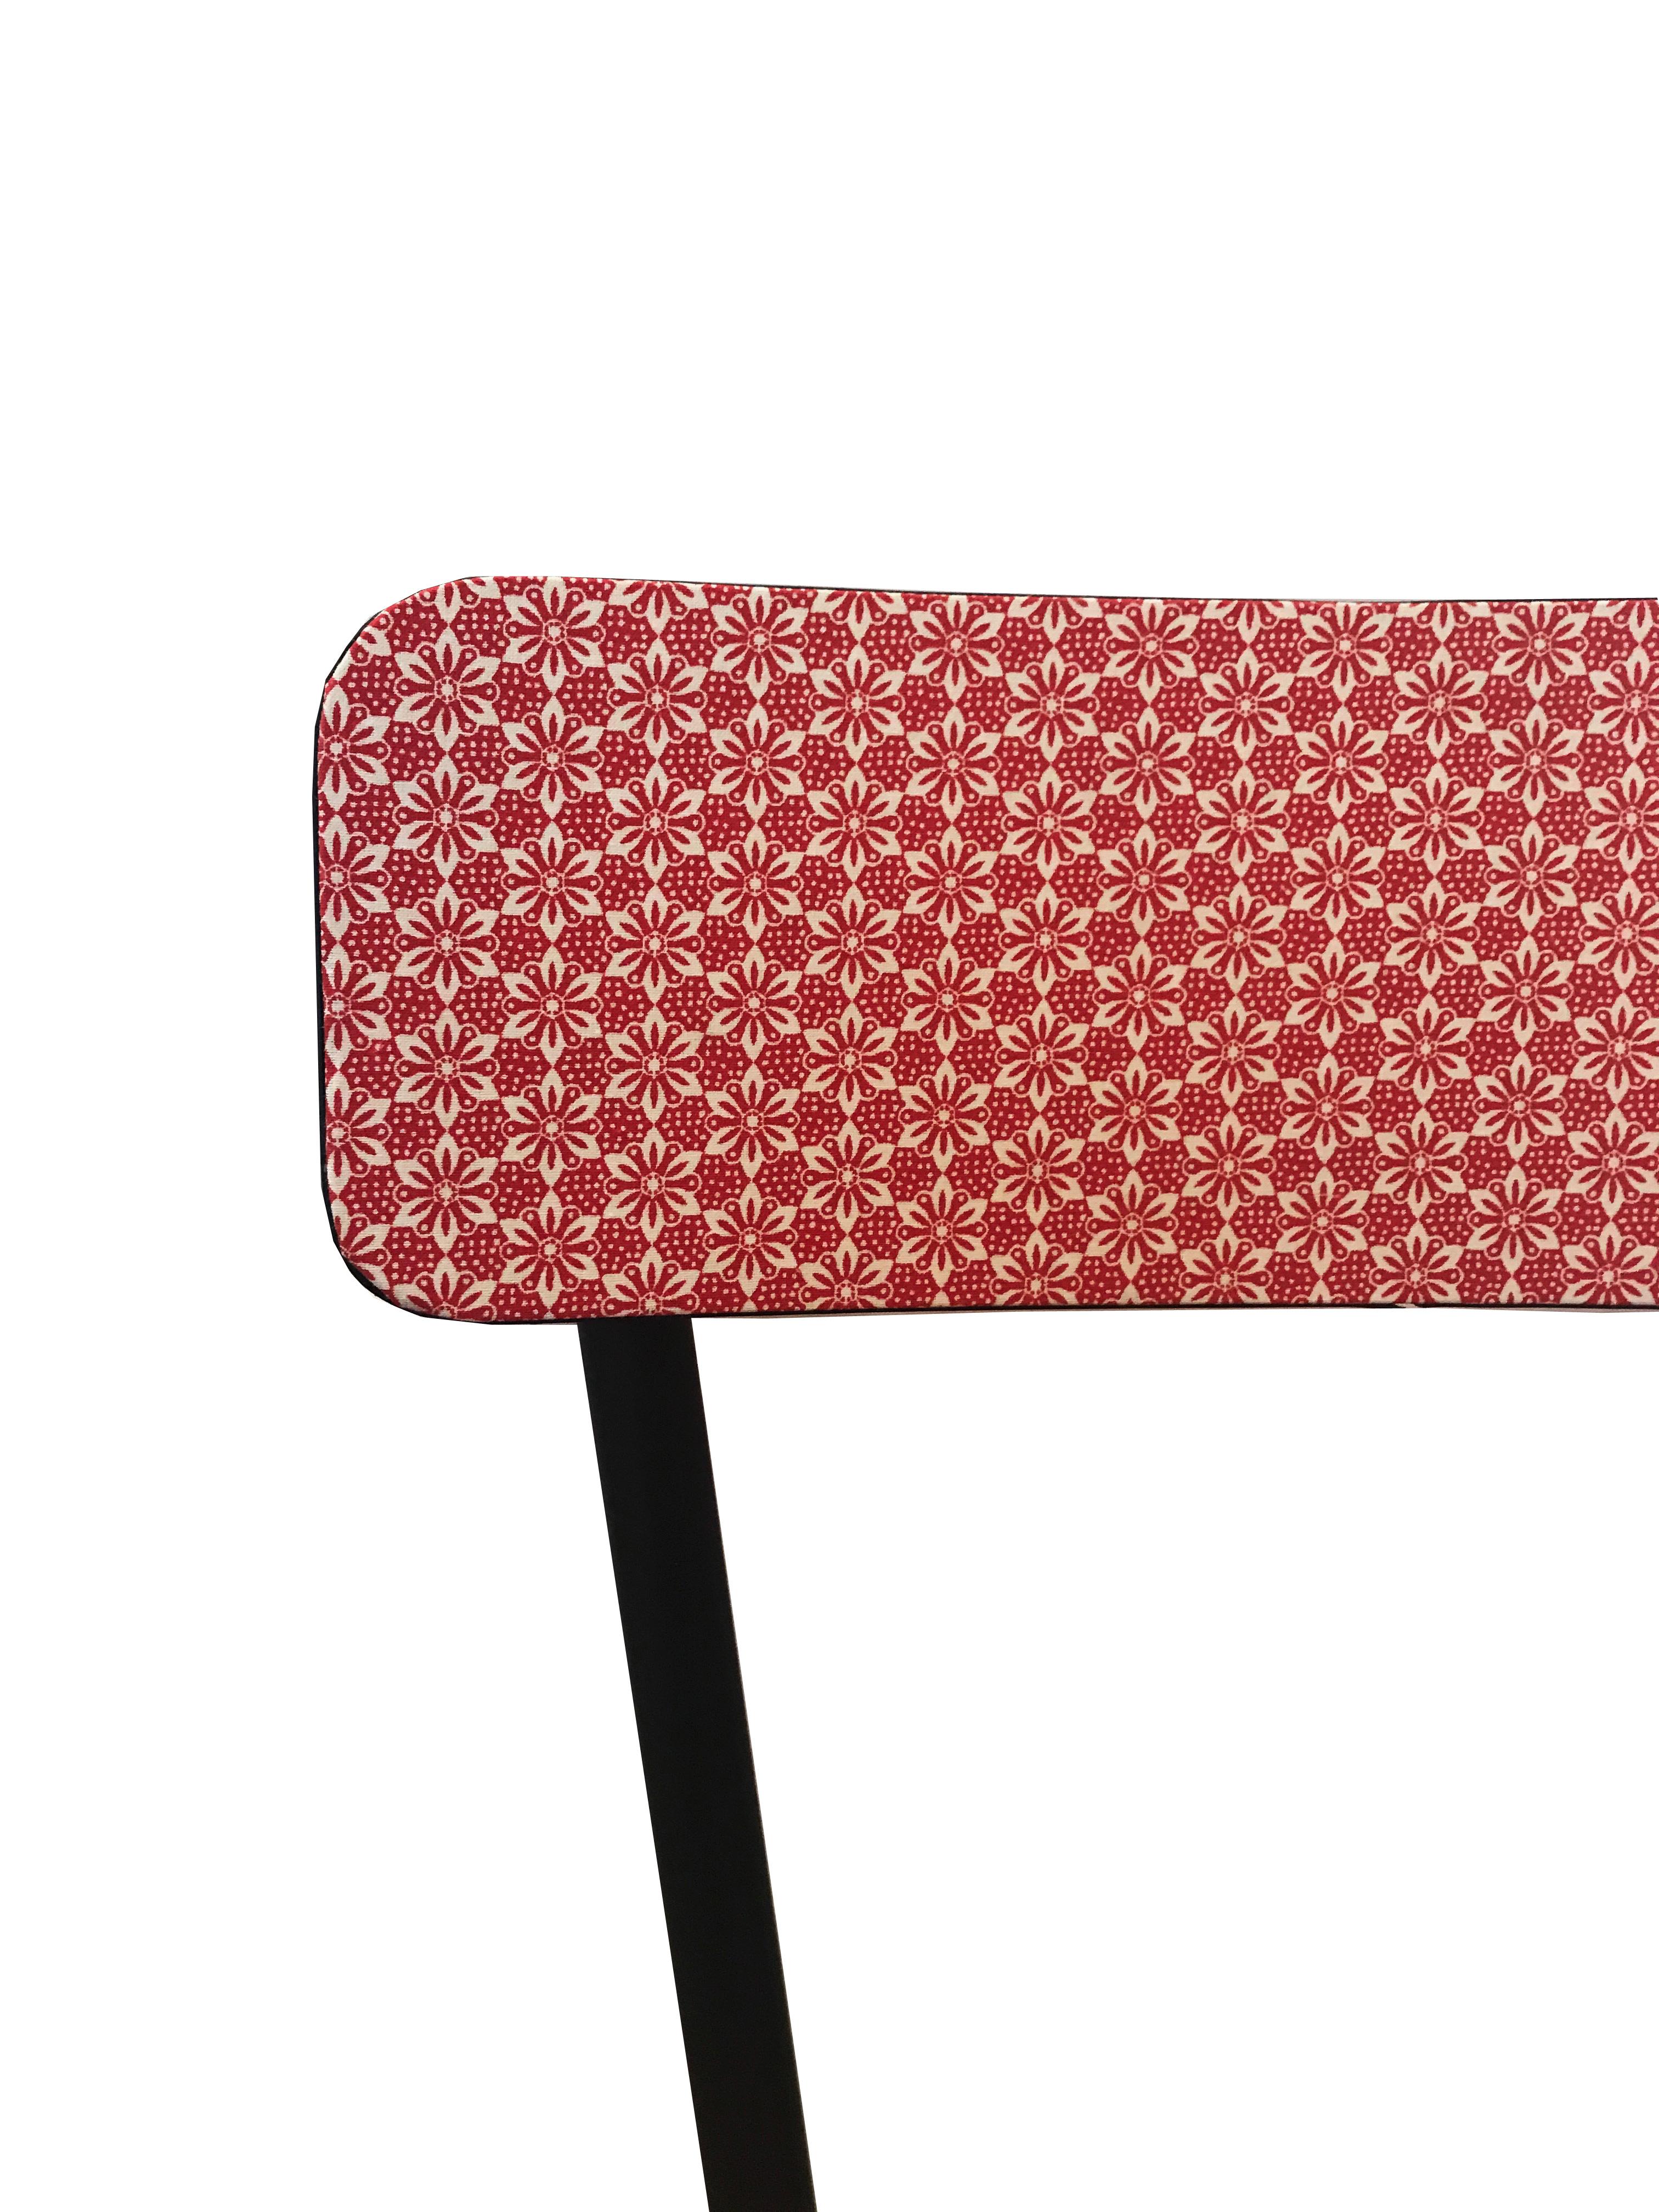 chaise-fleurs-rouges